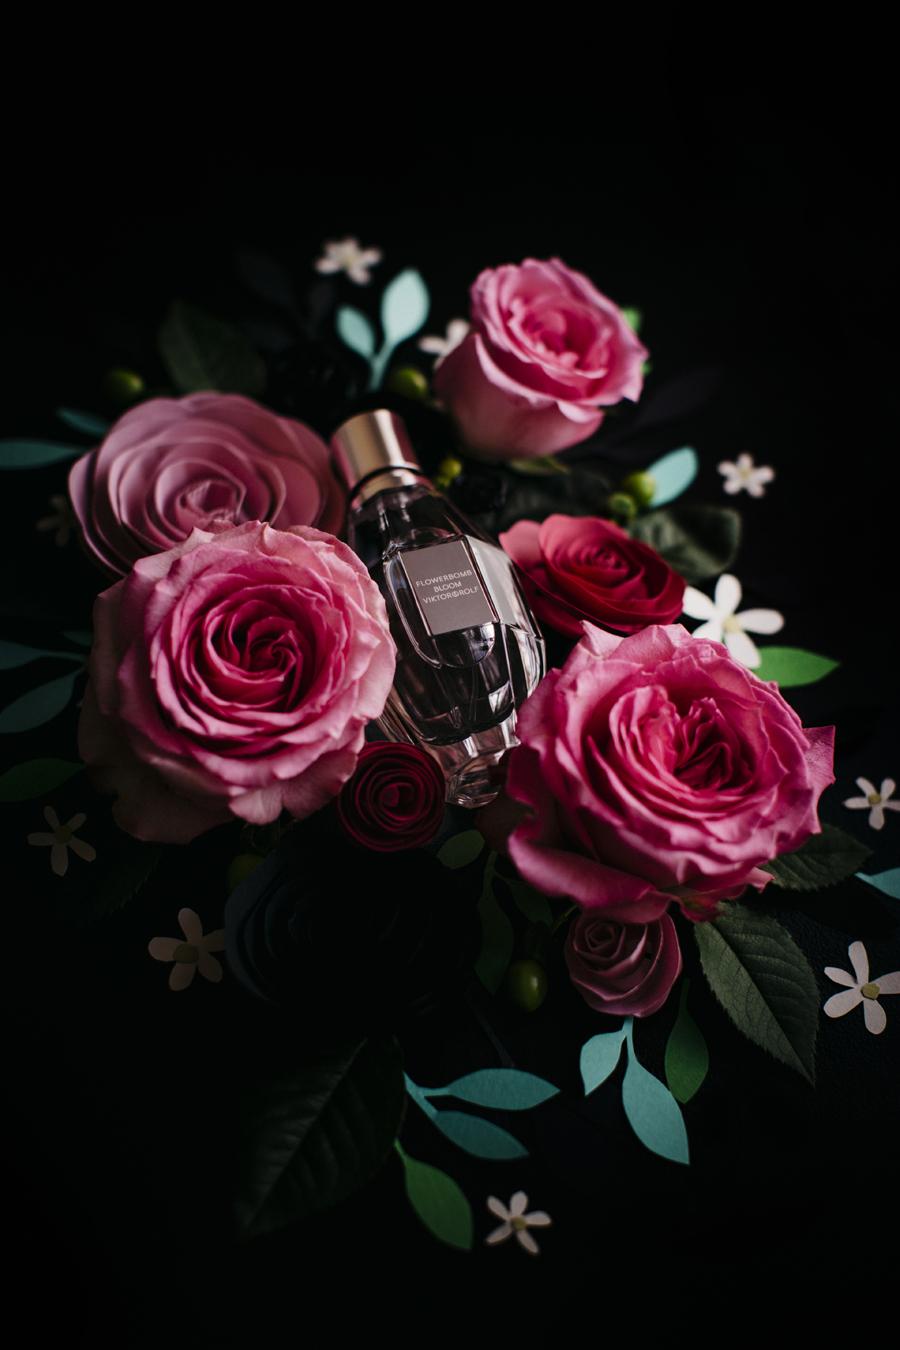 flowerbomb_bloom_viktor_&_rolf_parfum_1